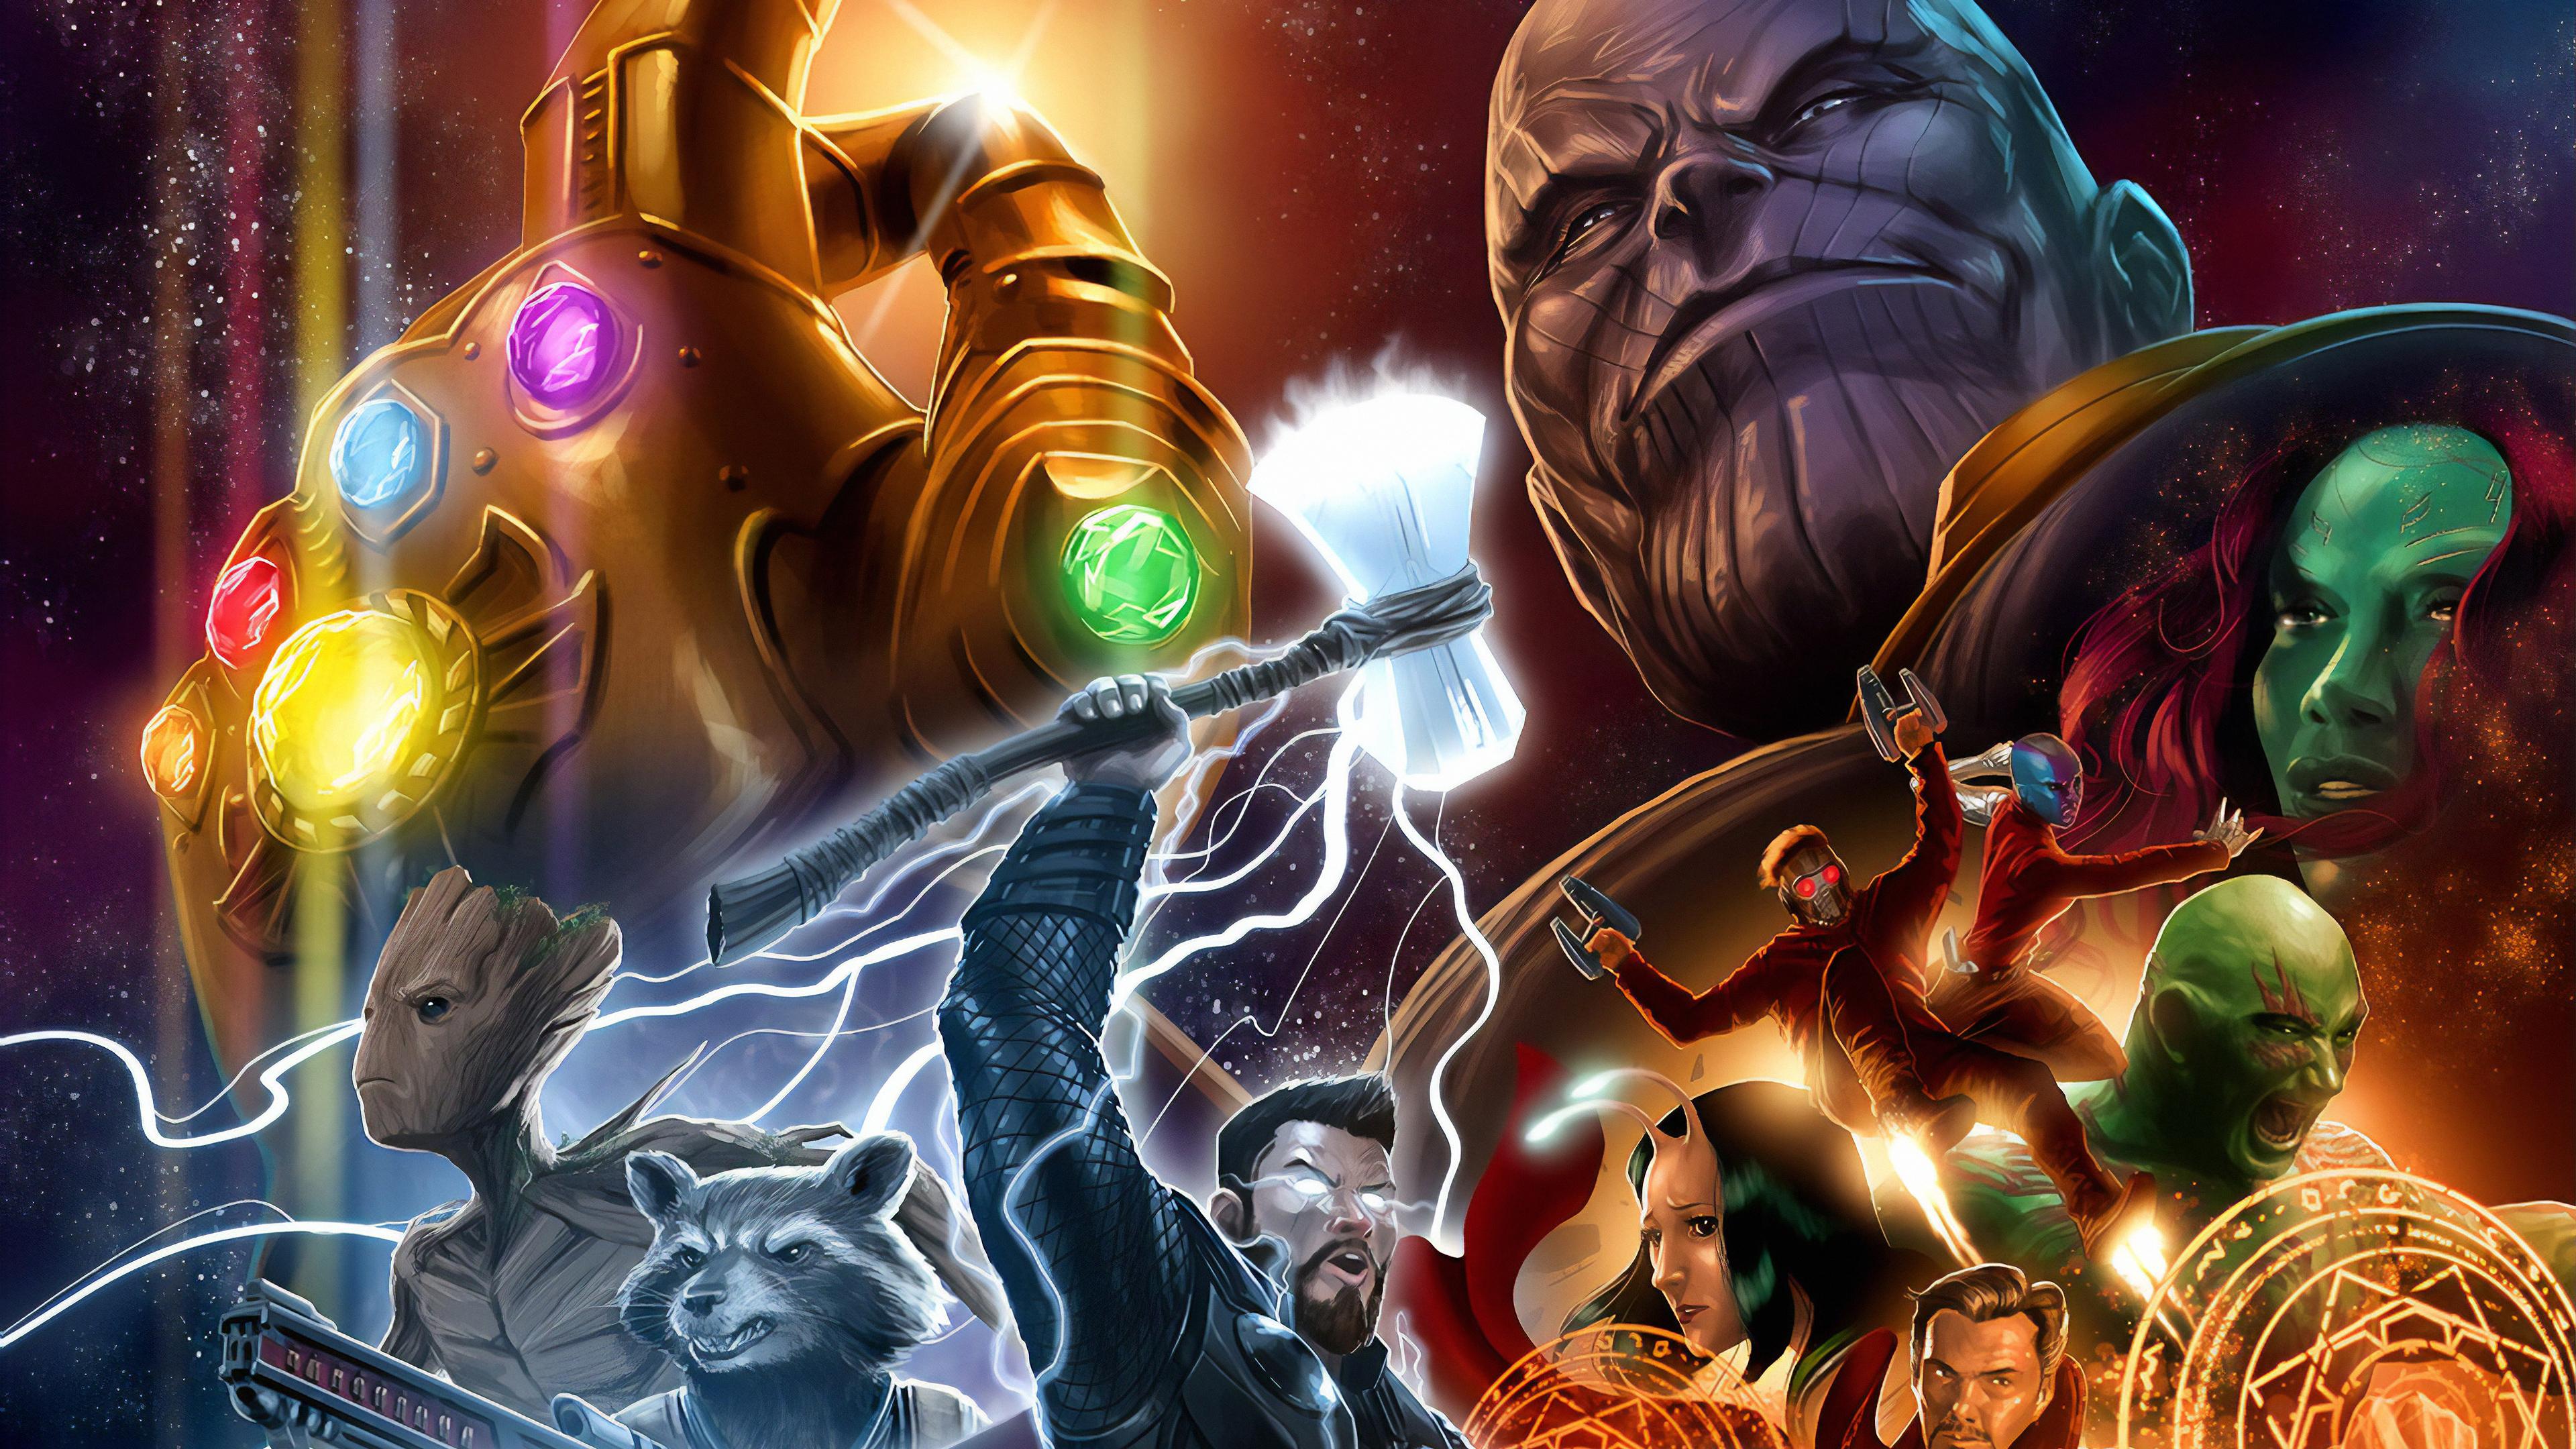 avengers endgame 1562105891 - Avengers Endgame - thor wallpapers, superheroes wallpapers, hd-wallpapers, avengers endgame wallpapers, artwork wallpapers, 4k-wallpapers